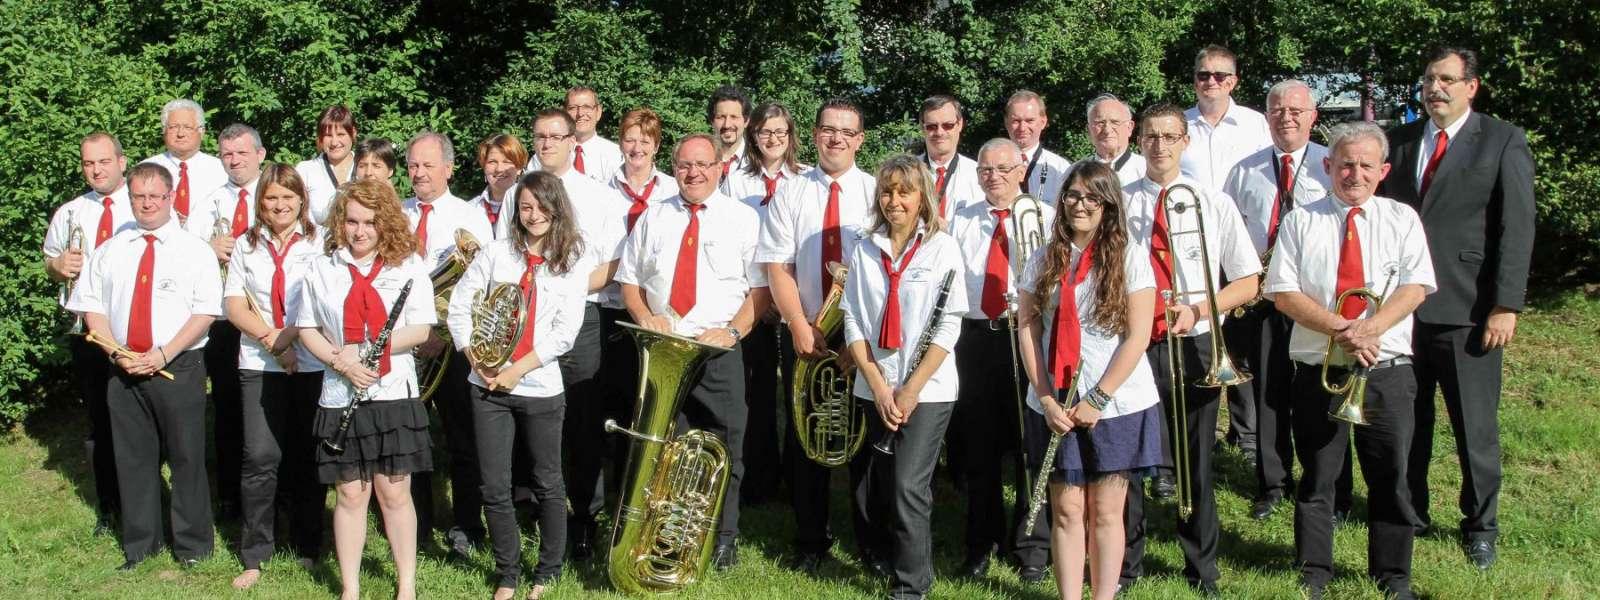 Membres de la Musique municipale